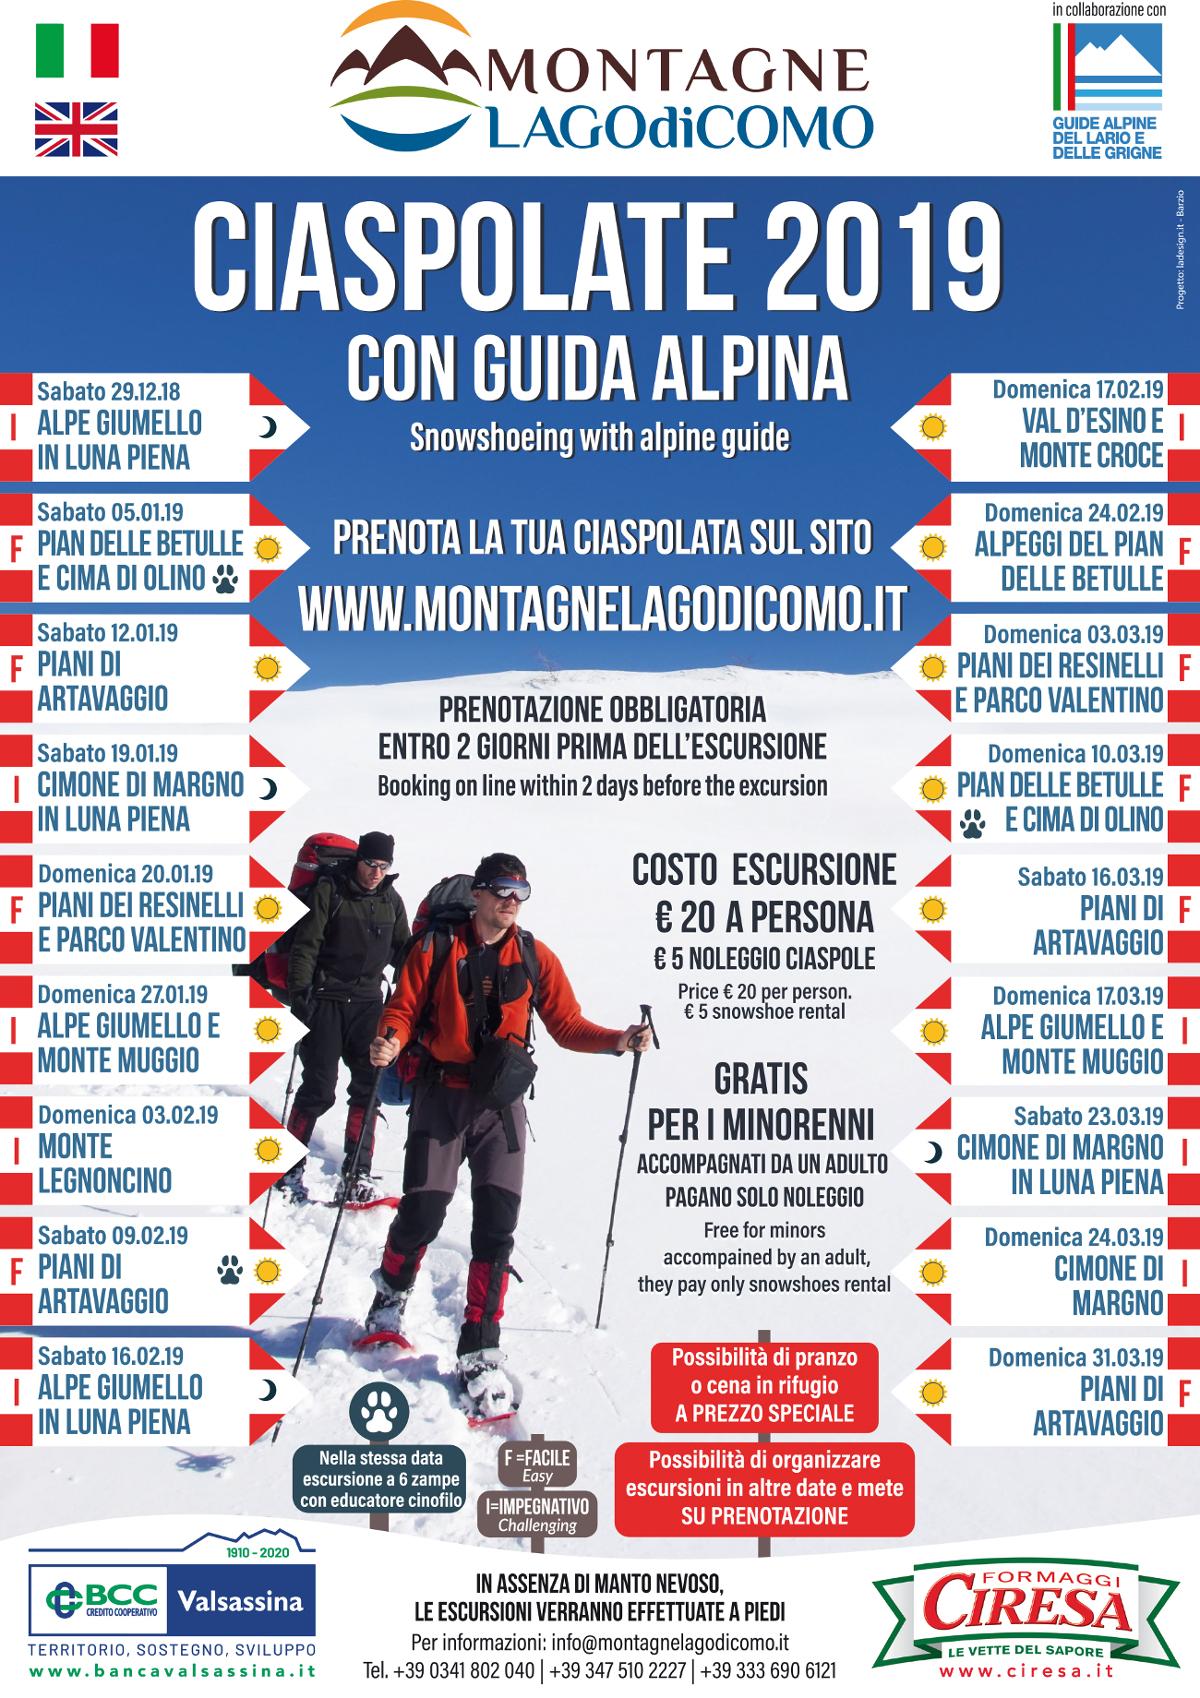 Ciaspolata all' Alpe Giumello in luna piena con guida